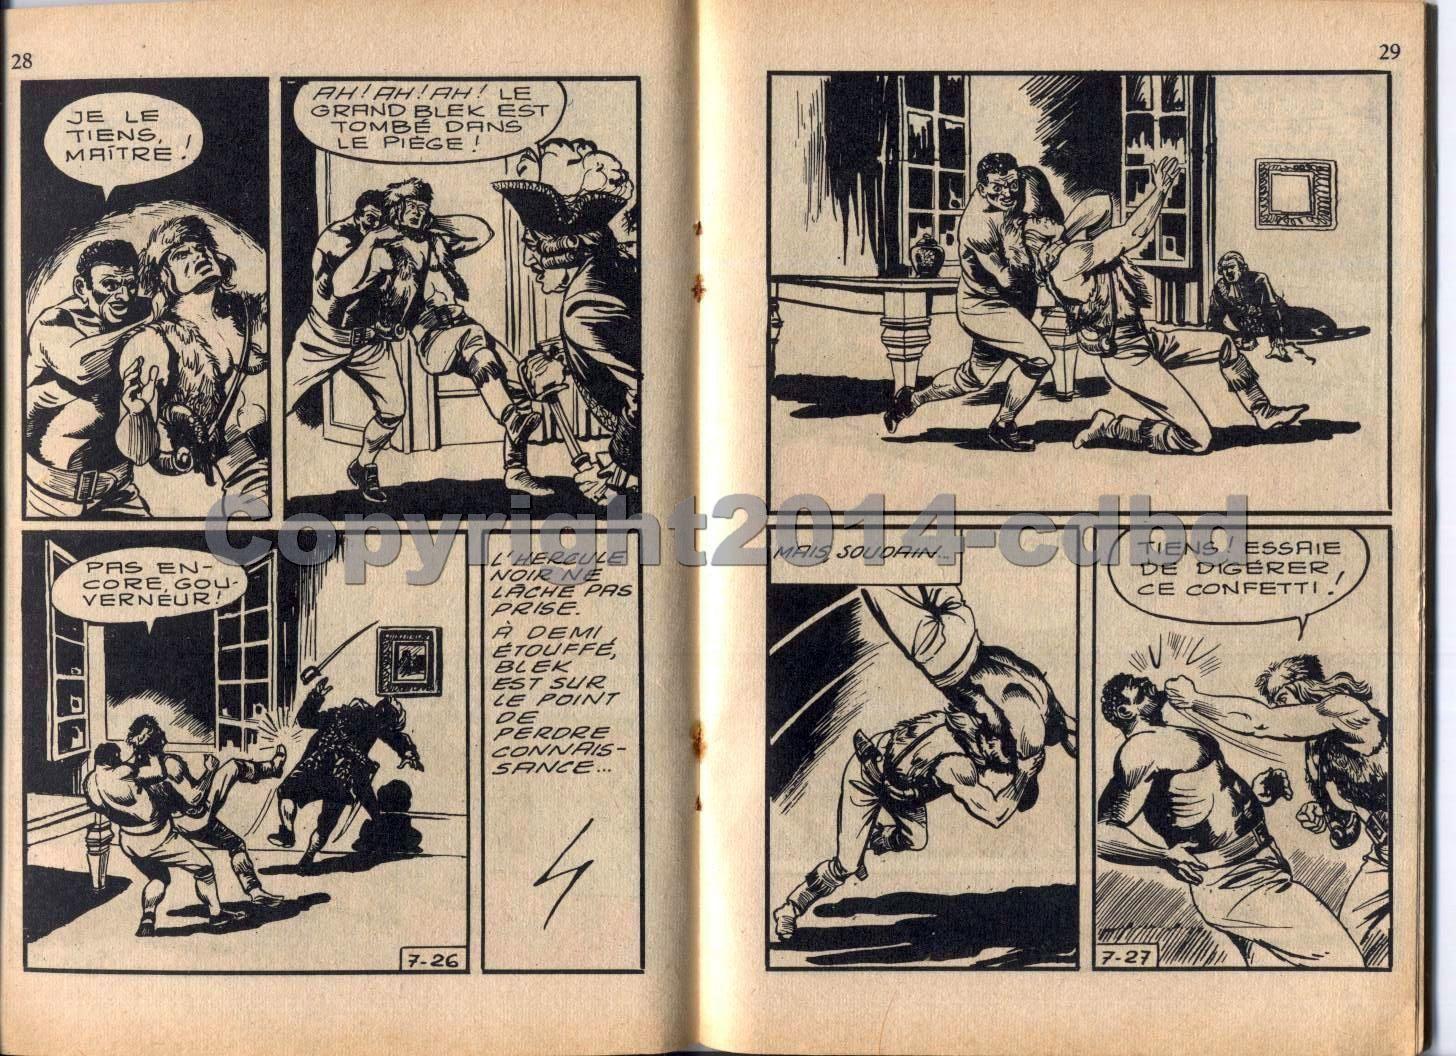 Blek le Rock- bimensuel n°4 de 1963 - pages 12 à 23